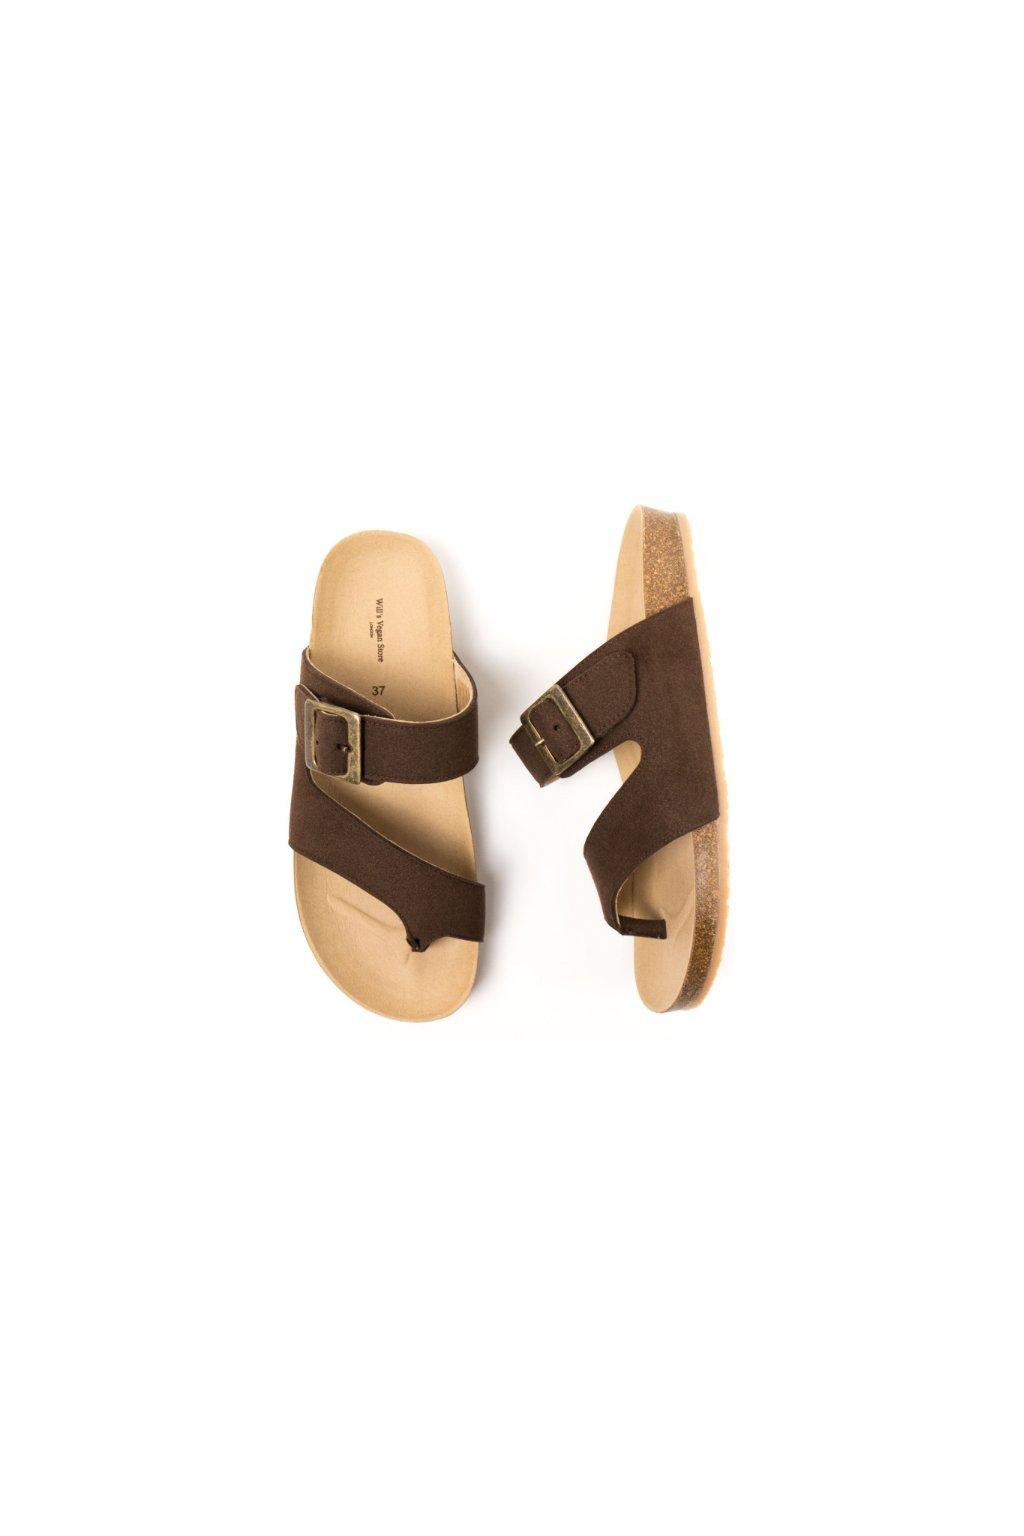 """Hnedé sandále """"Two Strap Toe Peg Sandals"""""""